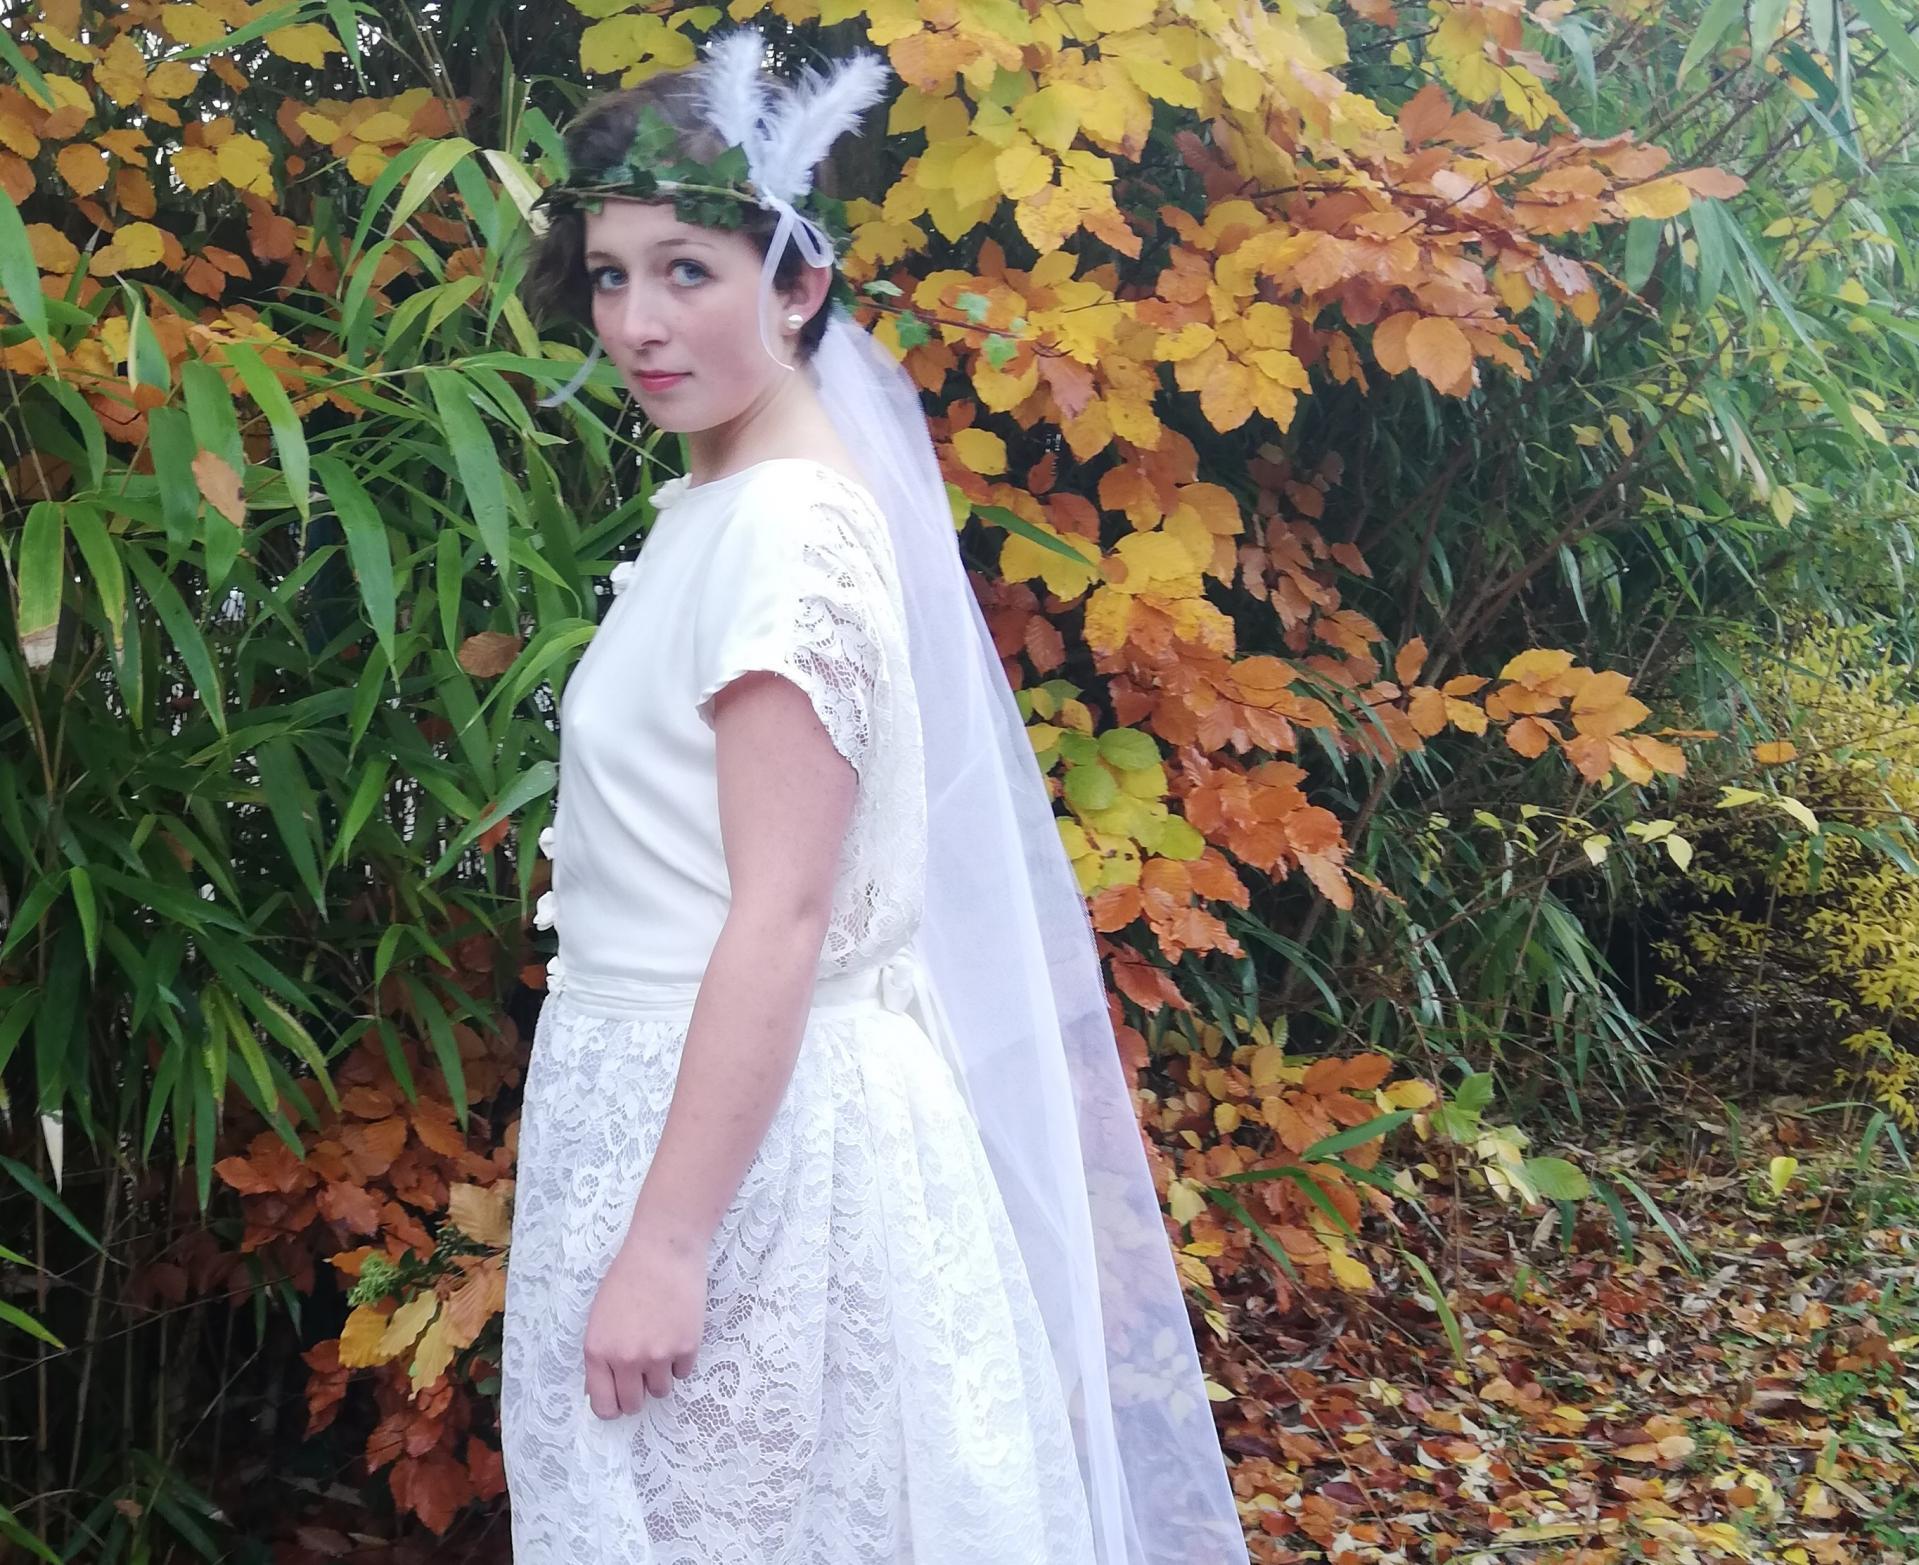 Robe de mariee reversible dentelle tulle et viscose rose faconnee a la main avec un coeur de nacre couronne fleurs et plumes fifi au jardin pose 13